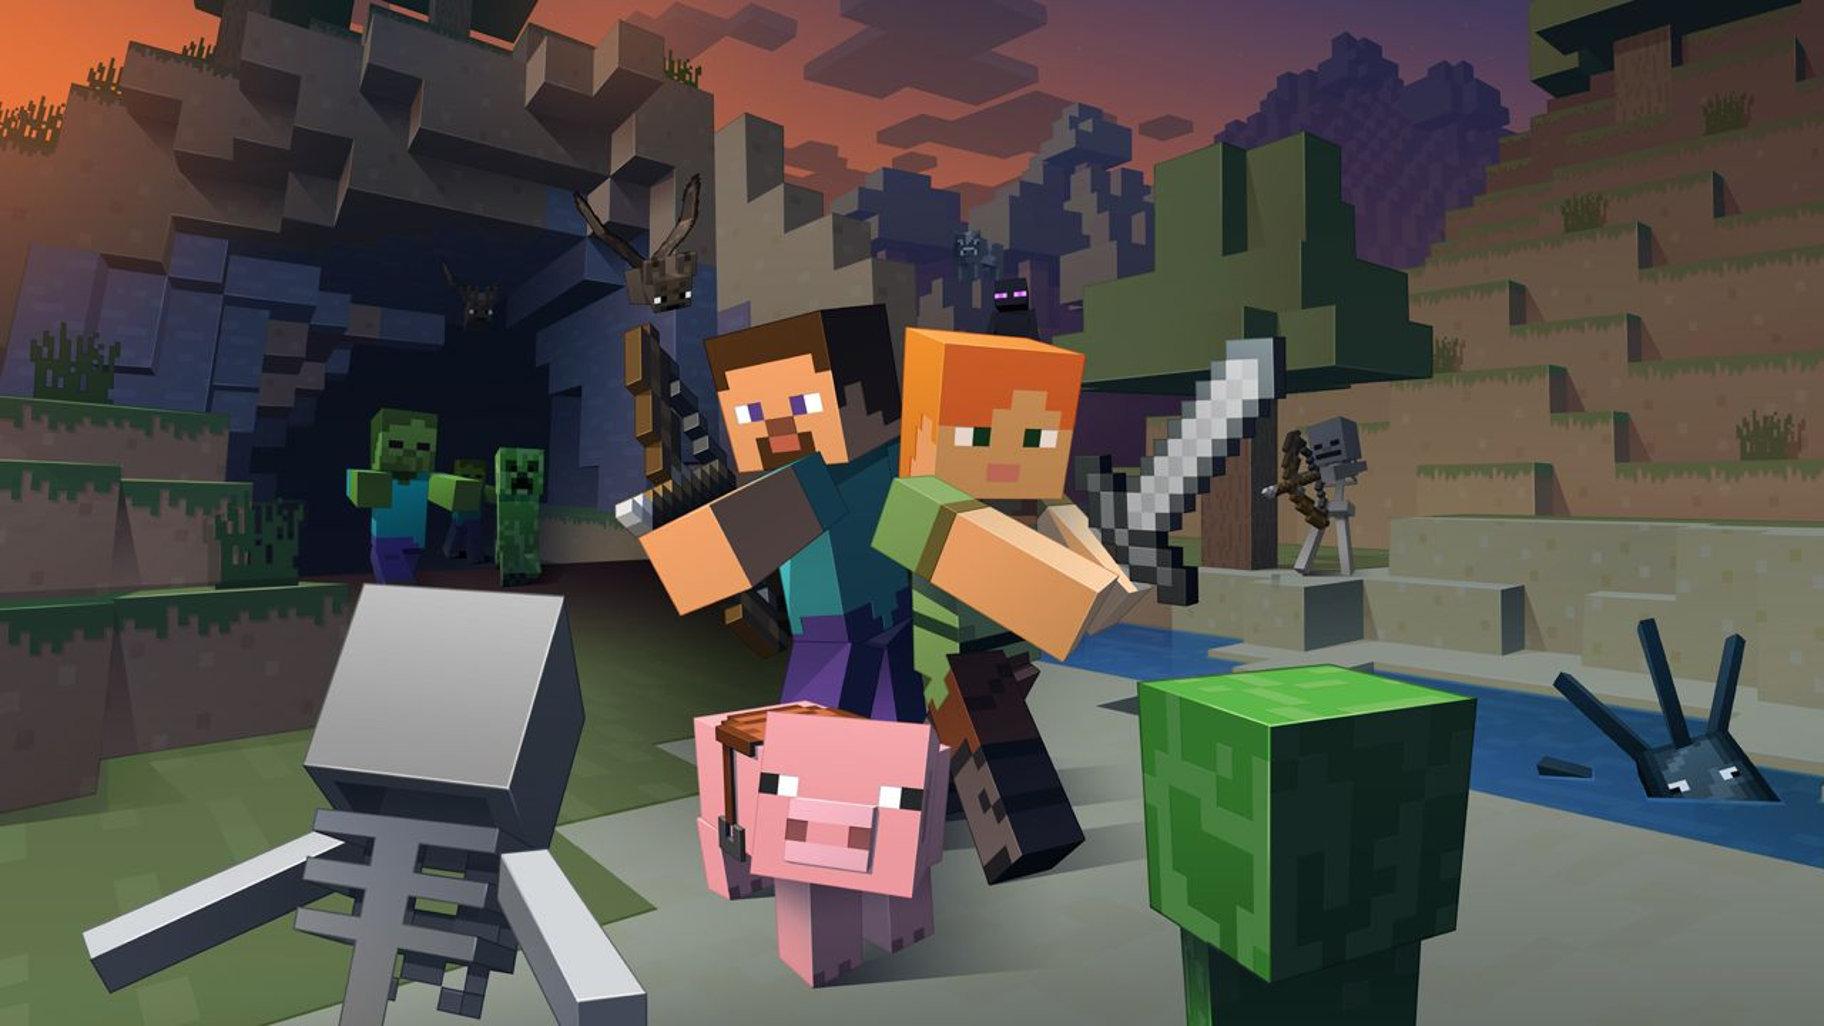 Ähnliche Spiele Wie Minecraft SandboxGames Zum Austoben - Minecraft spiele selber bauen